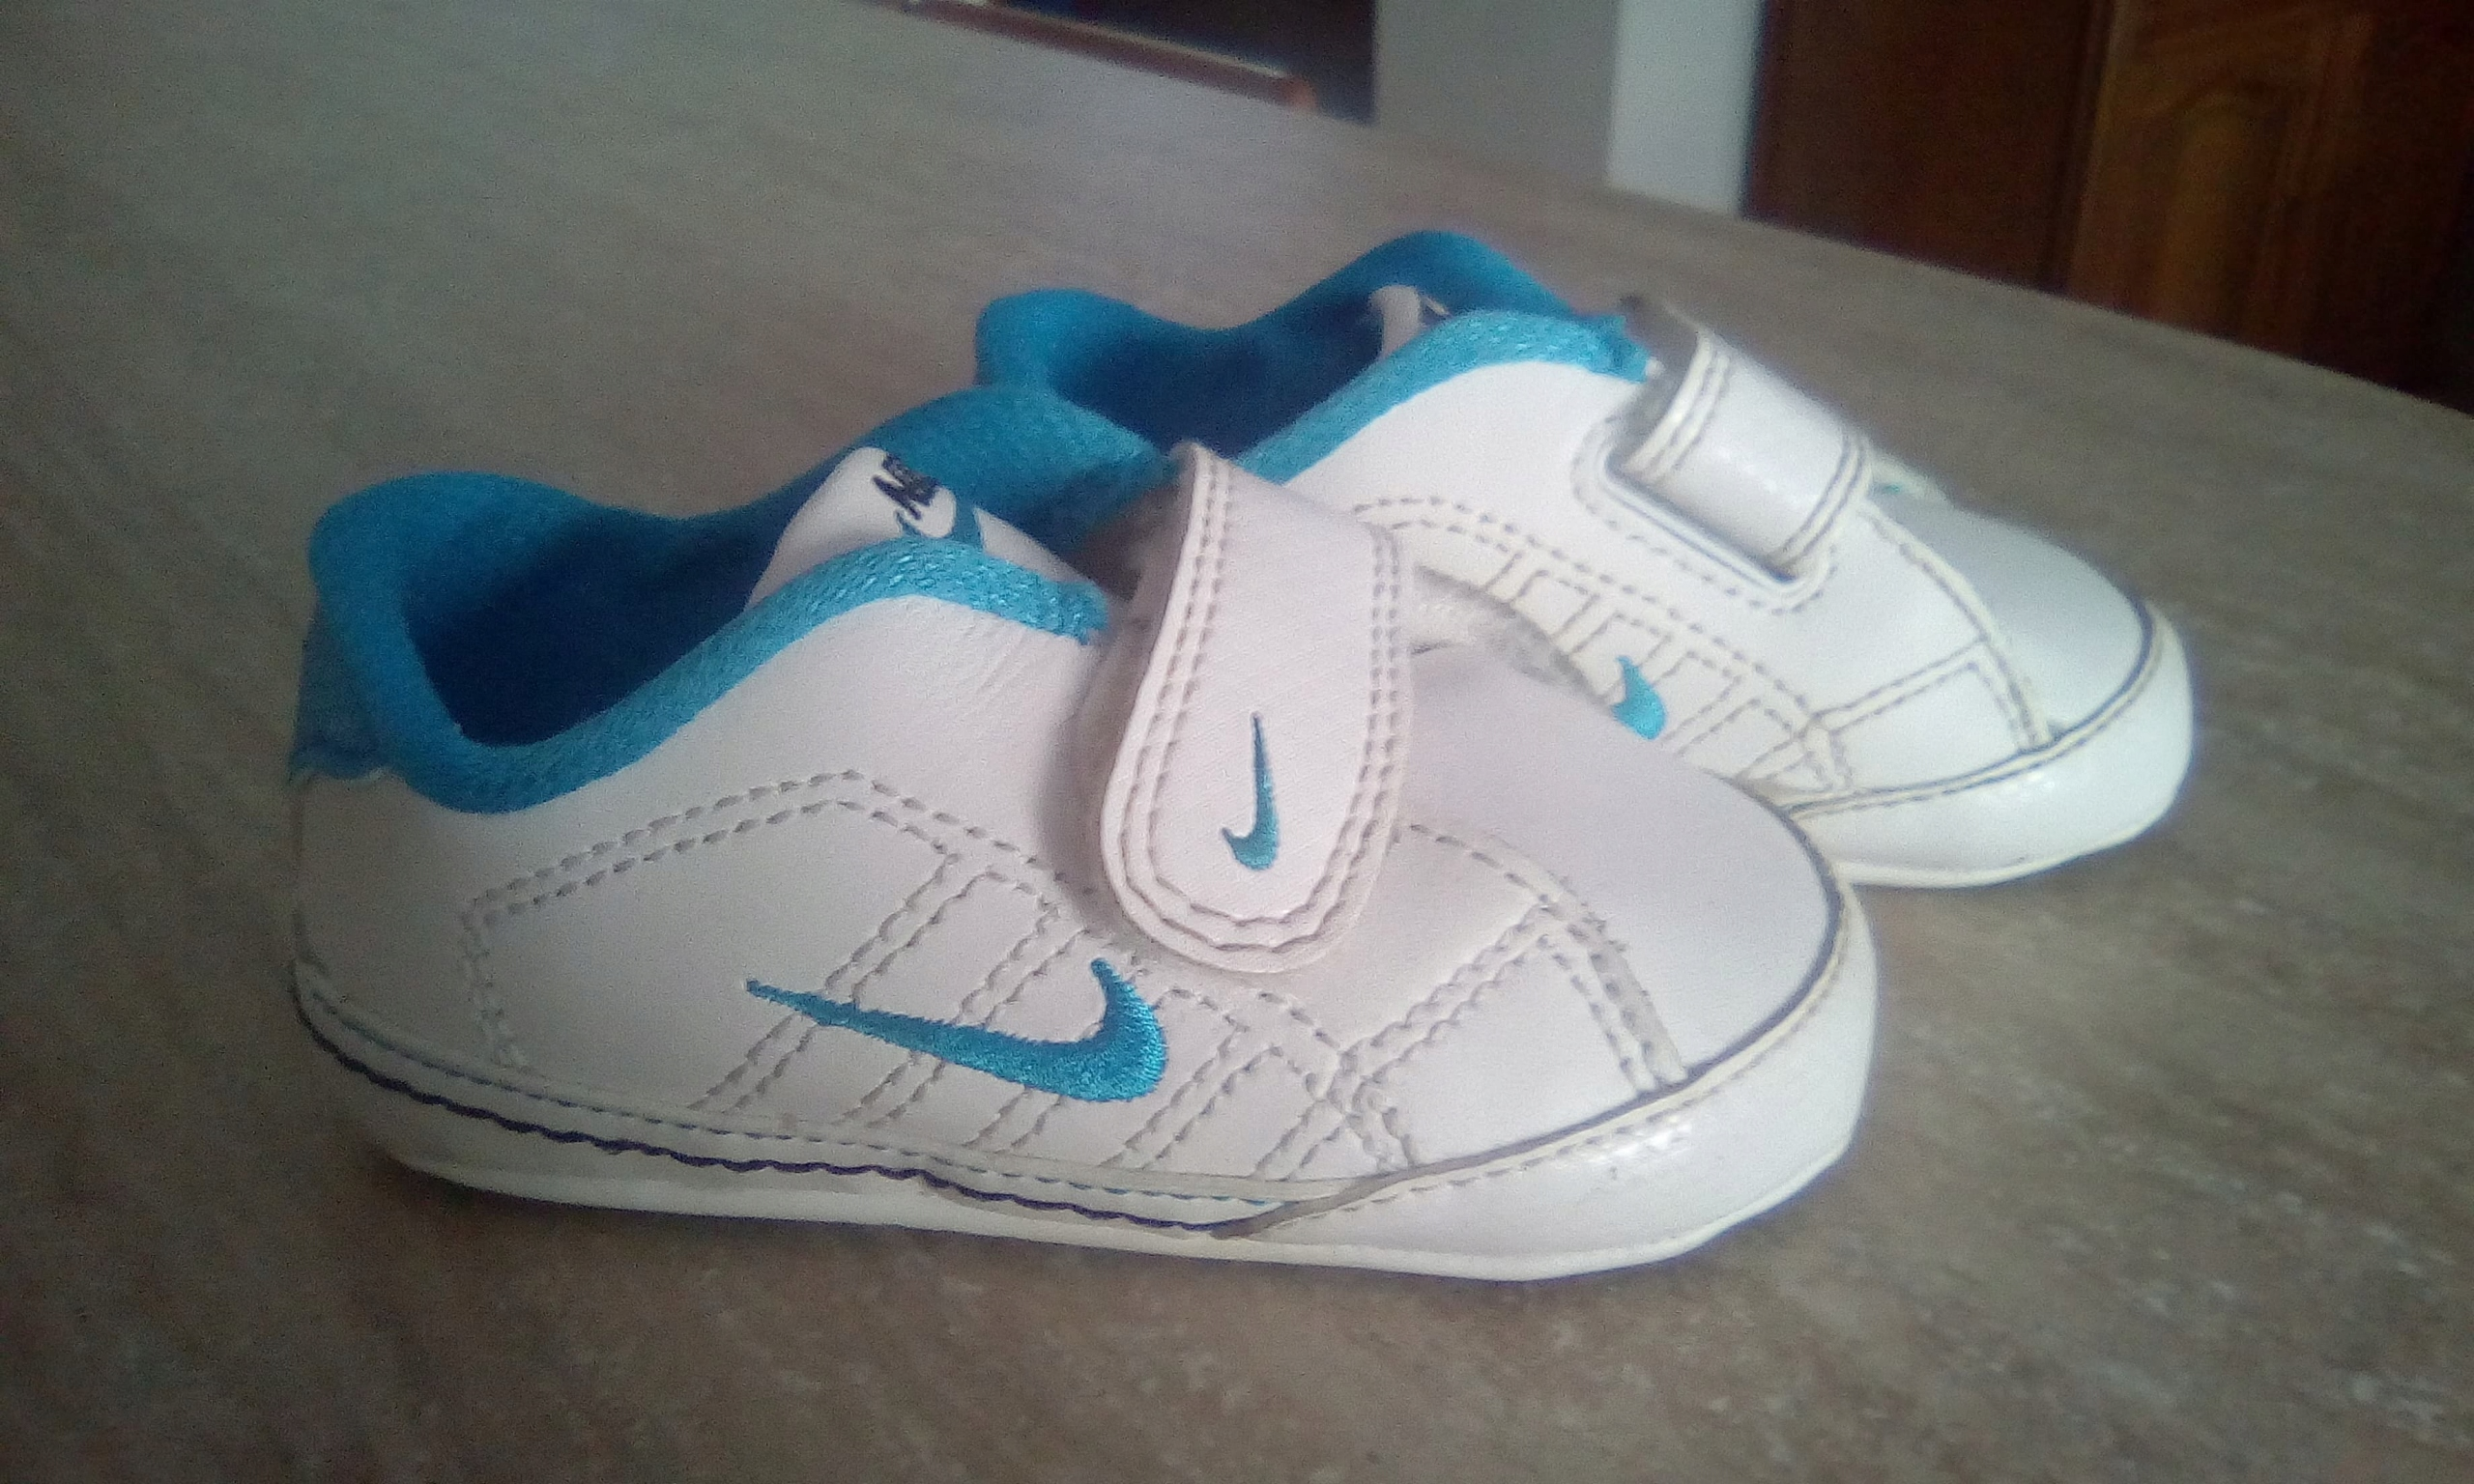 Nike buciki r.19,5 (10 cm)